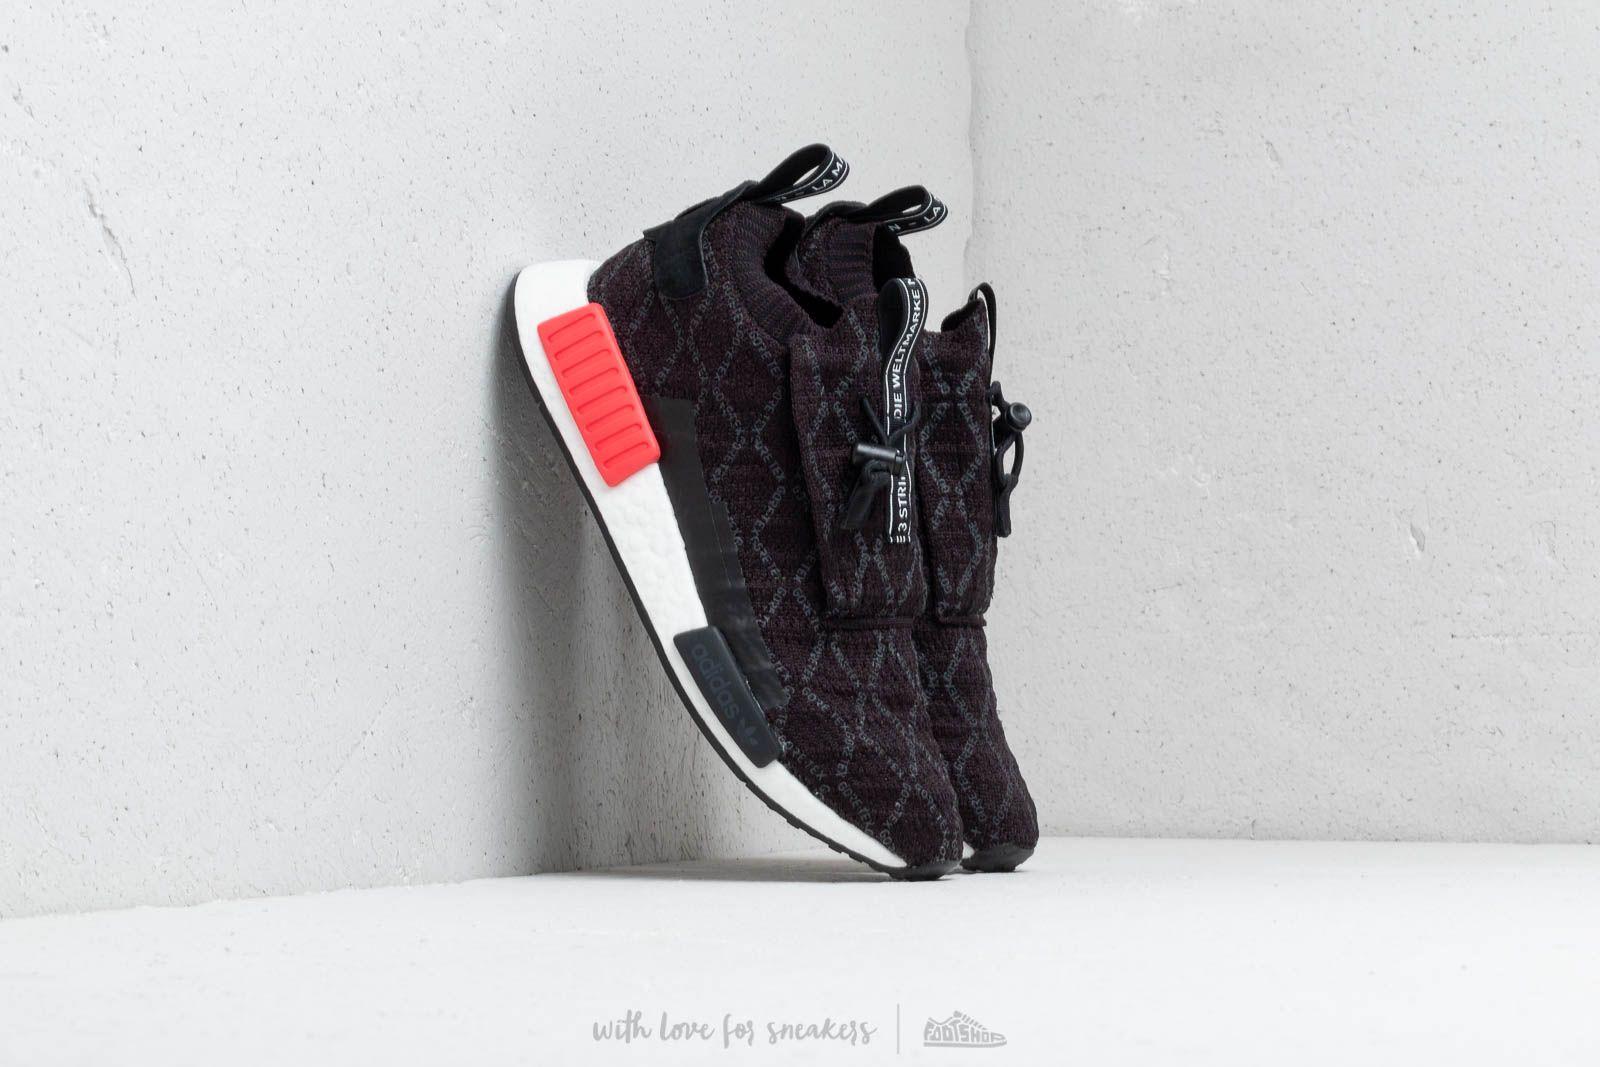 adidas Nmd_Ts1 Pk Gtx Core Black/ Carbon/ Shored za skvělou cenu 5 890 Kč koupíte na Footshop.cz